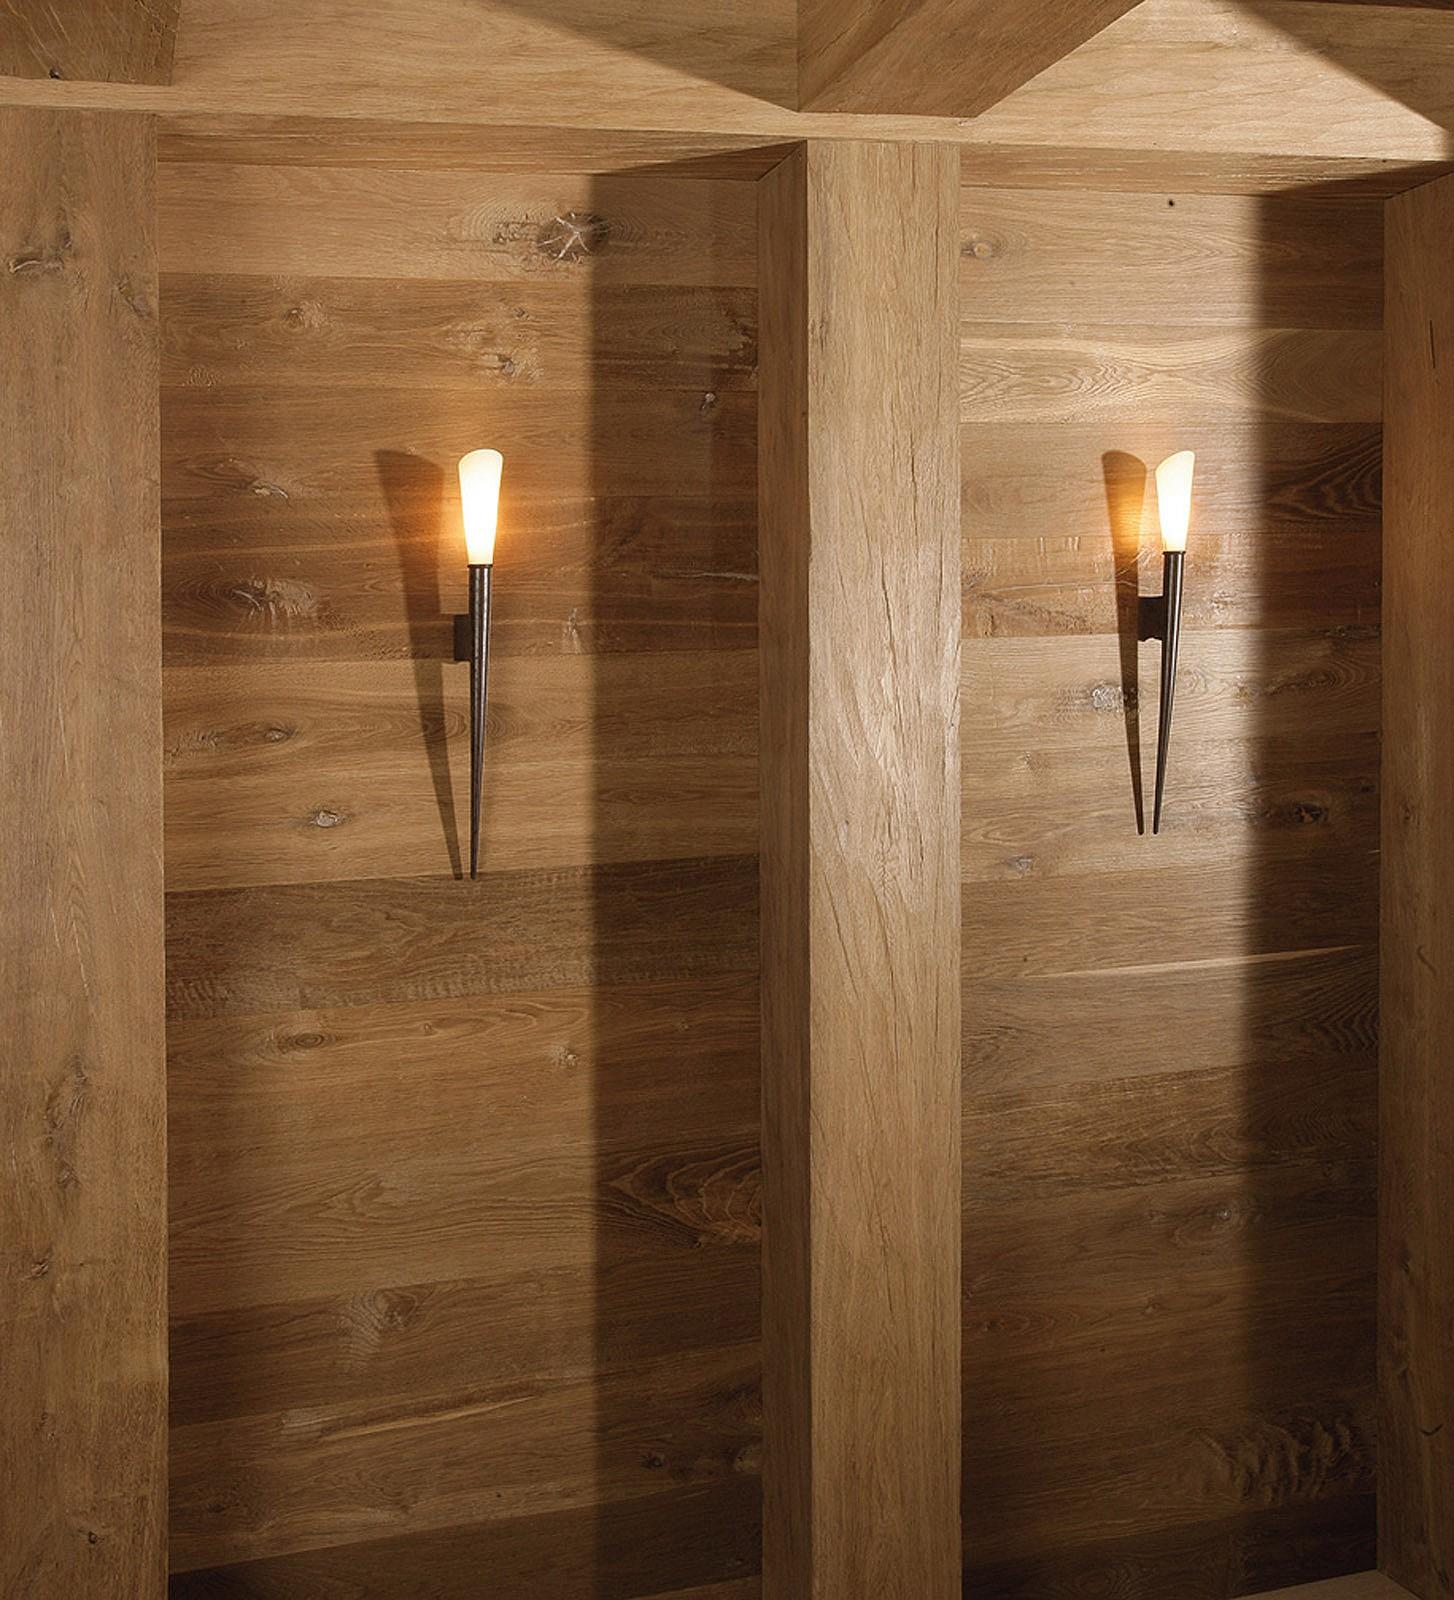 echtholzpaneele schneider holz boden. Black Bedroom Furniture Sets. Home Design Ideas